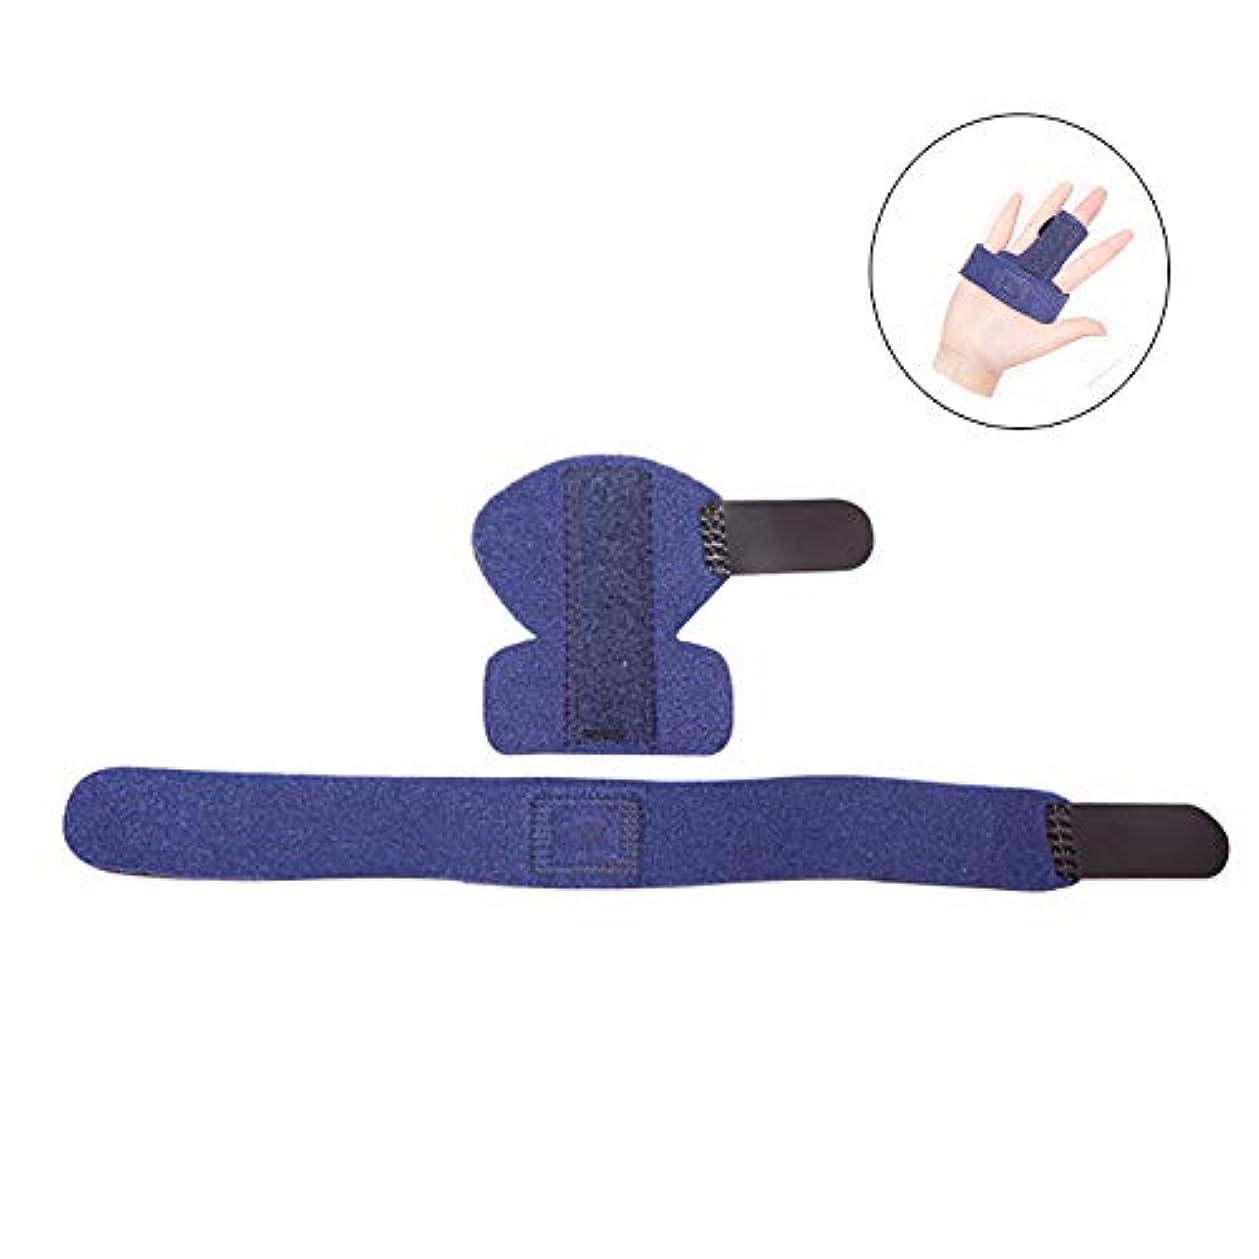 うがい薬スマッシュ順番指の痛みの軽減、指の関節の固定、指の骨折のための指サポート調整可能なプロテクターブレーススプリント